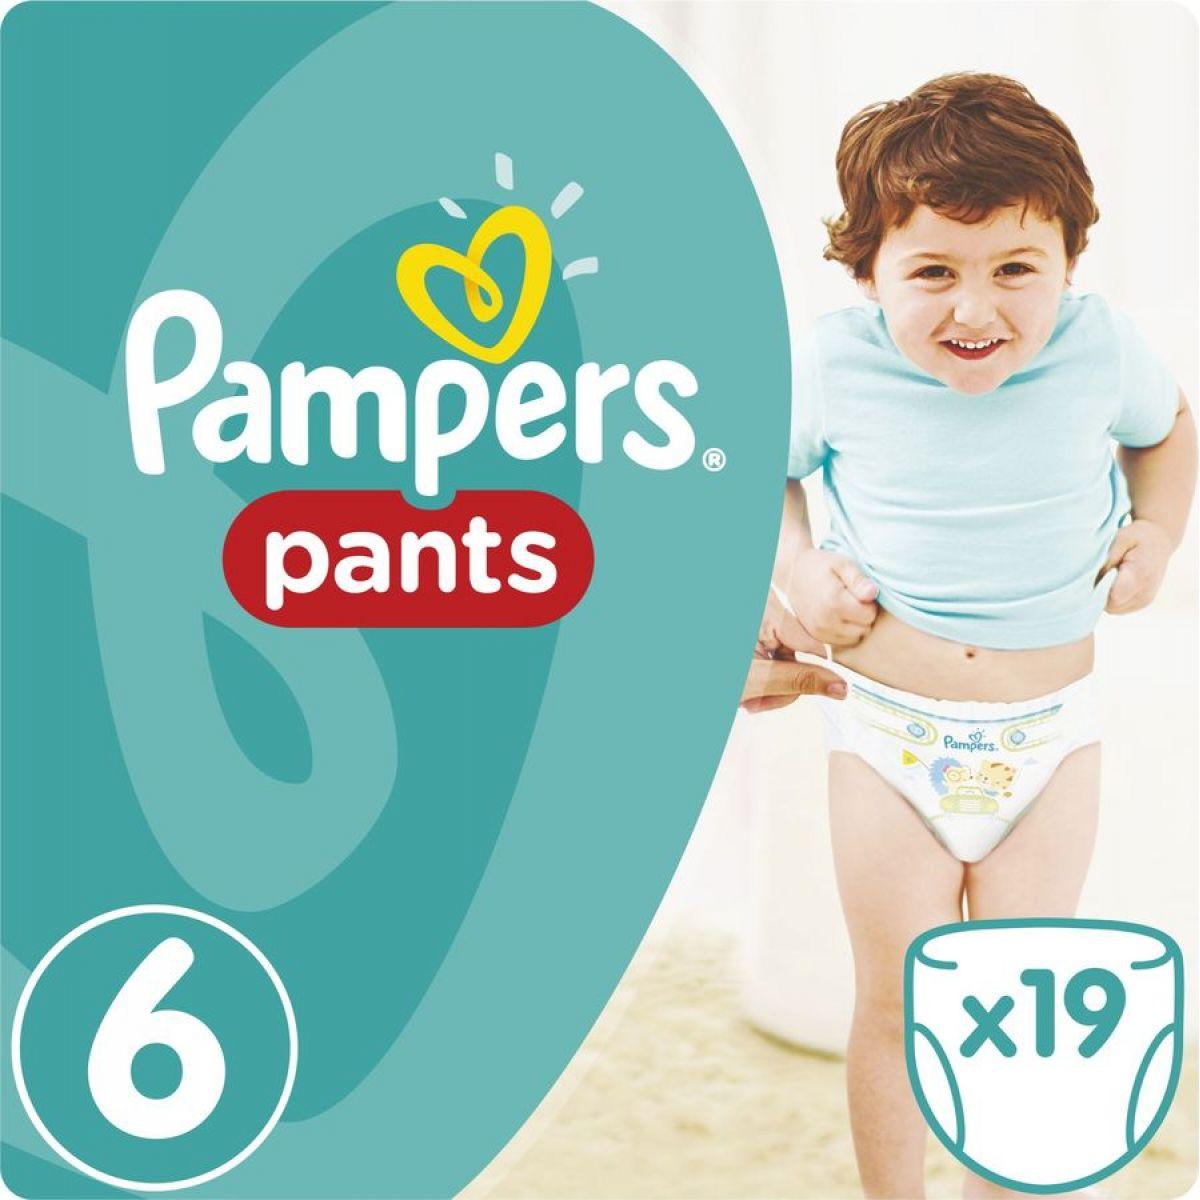 Pampers Kalhotkové plenky Carry Pack 6 Extra Large 19ks